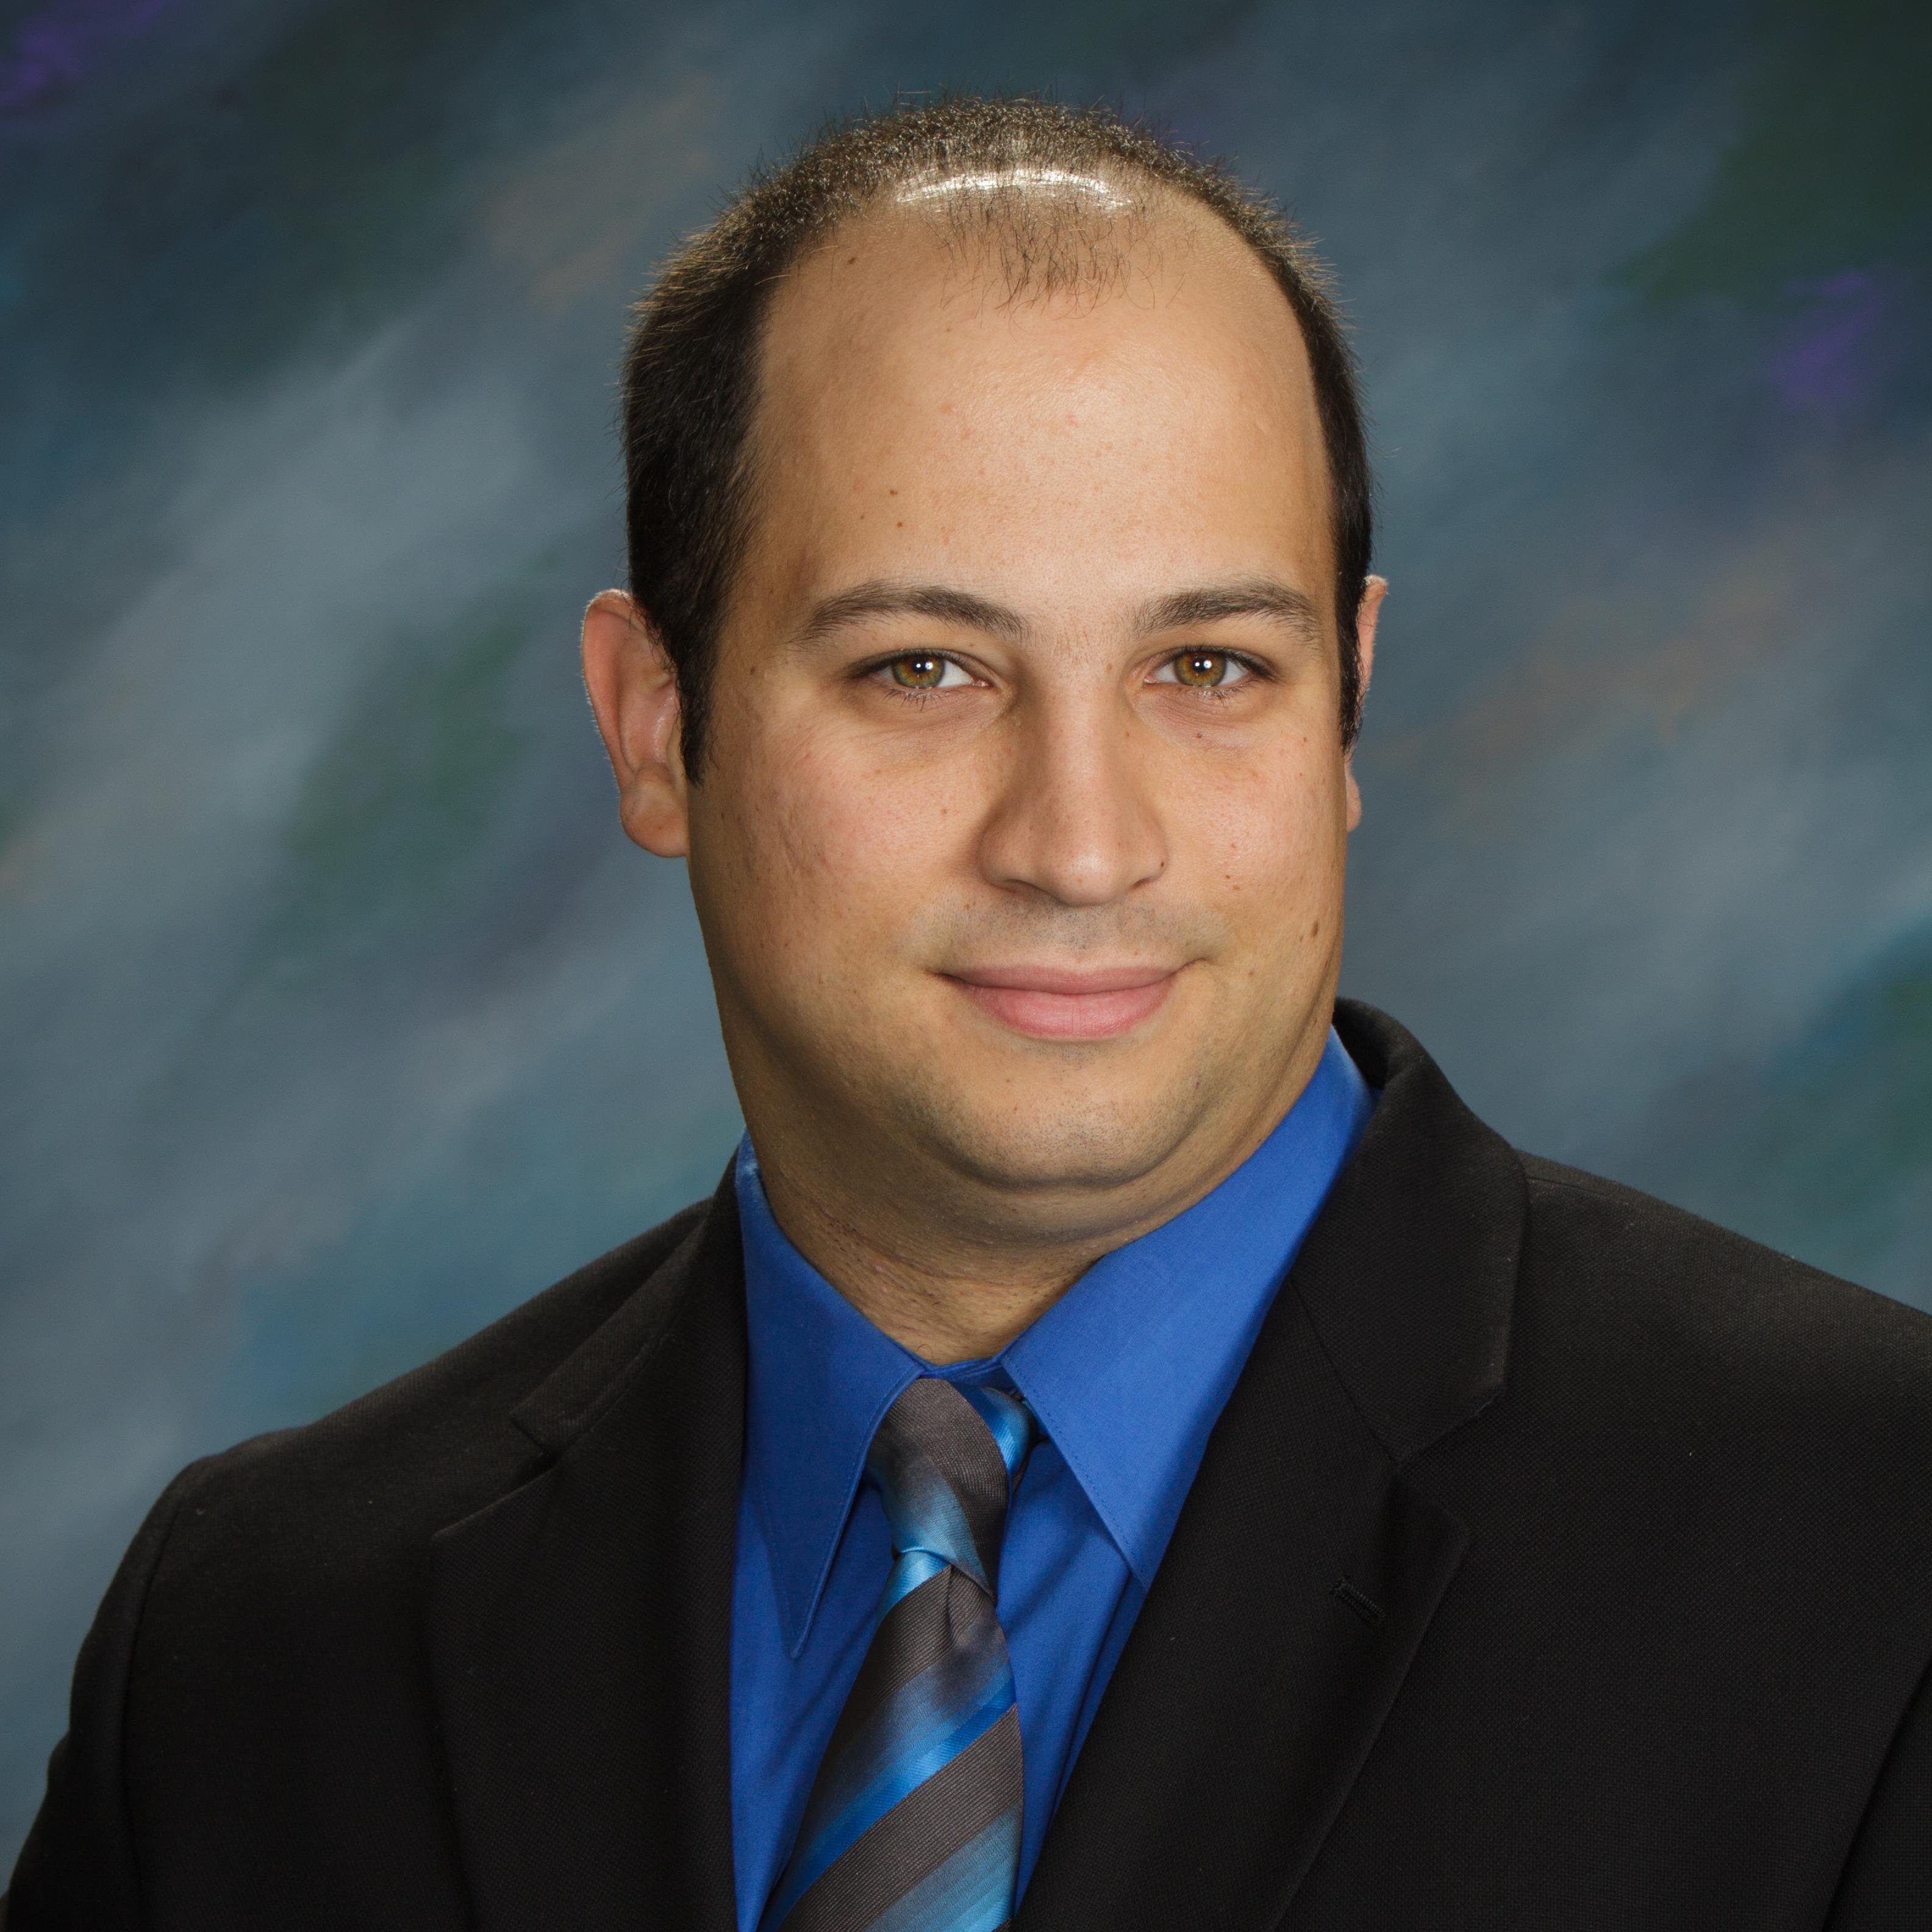 Dan DeConti '01's Profile Photo